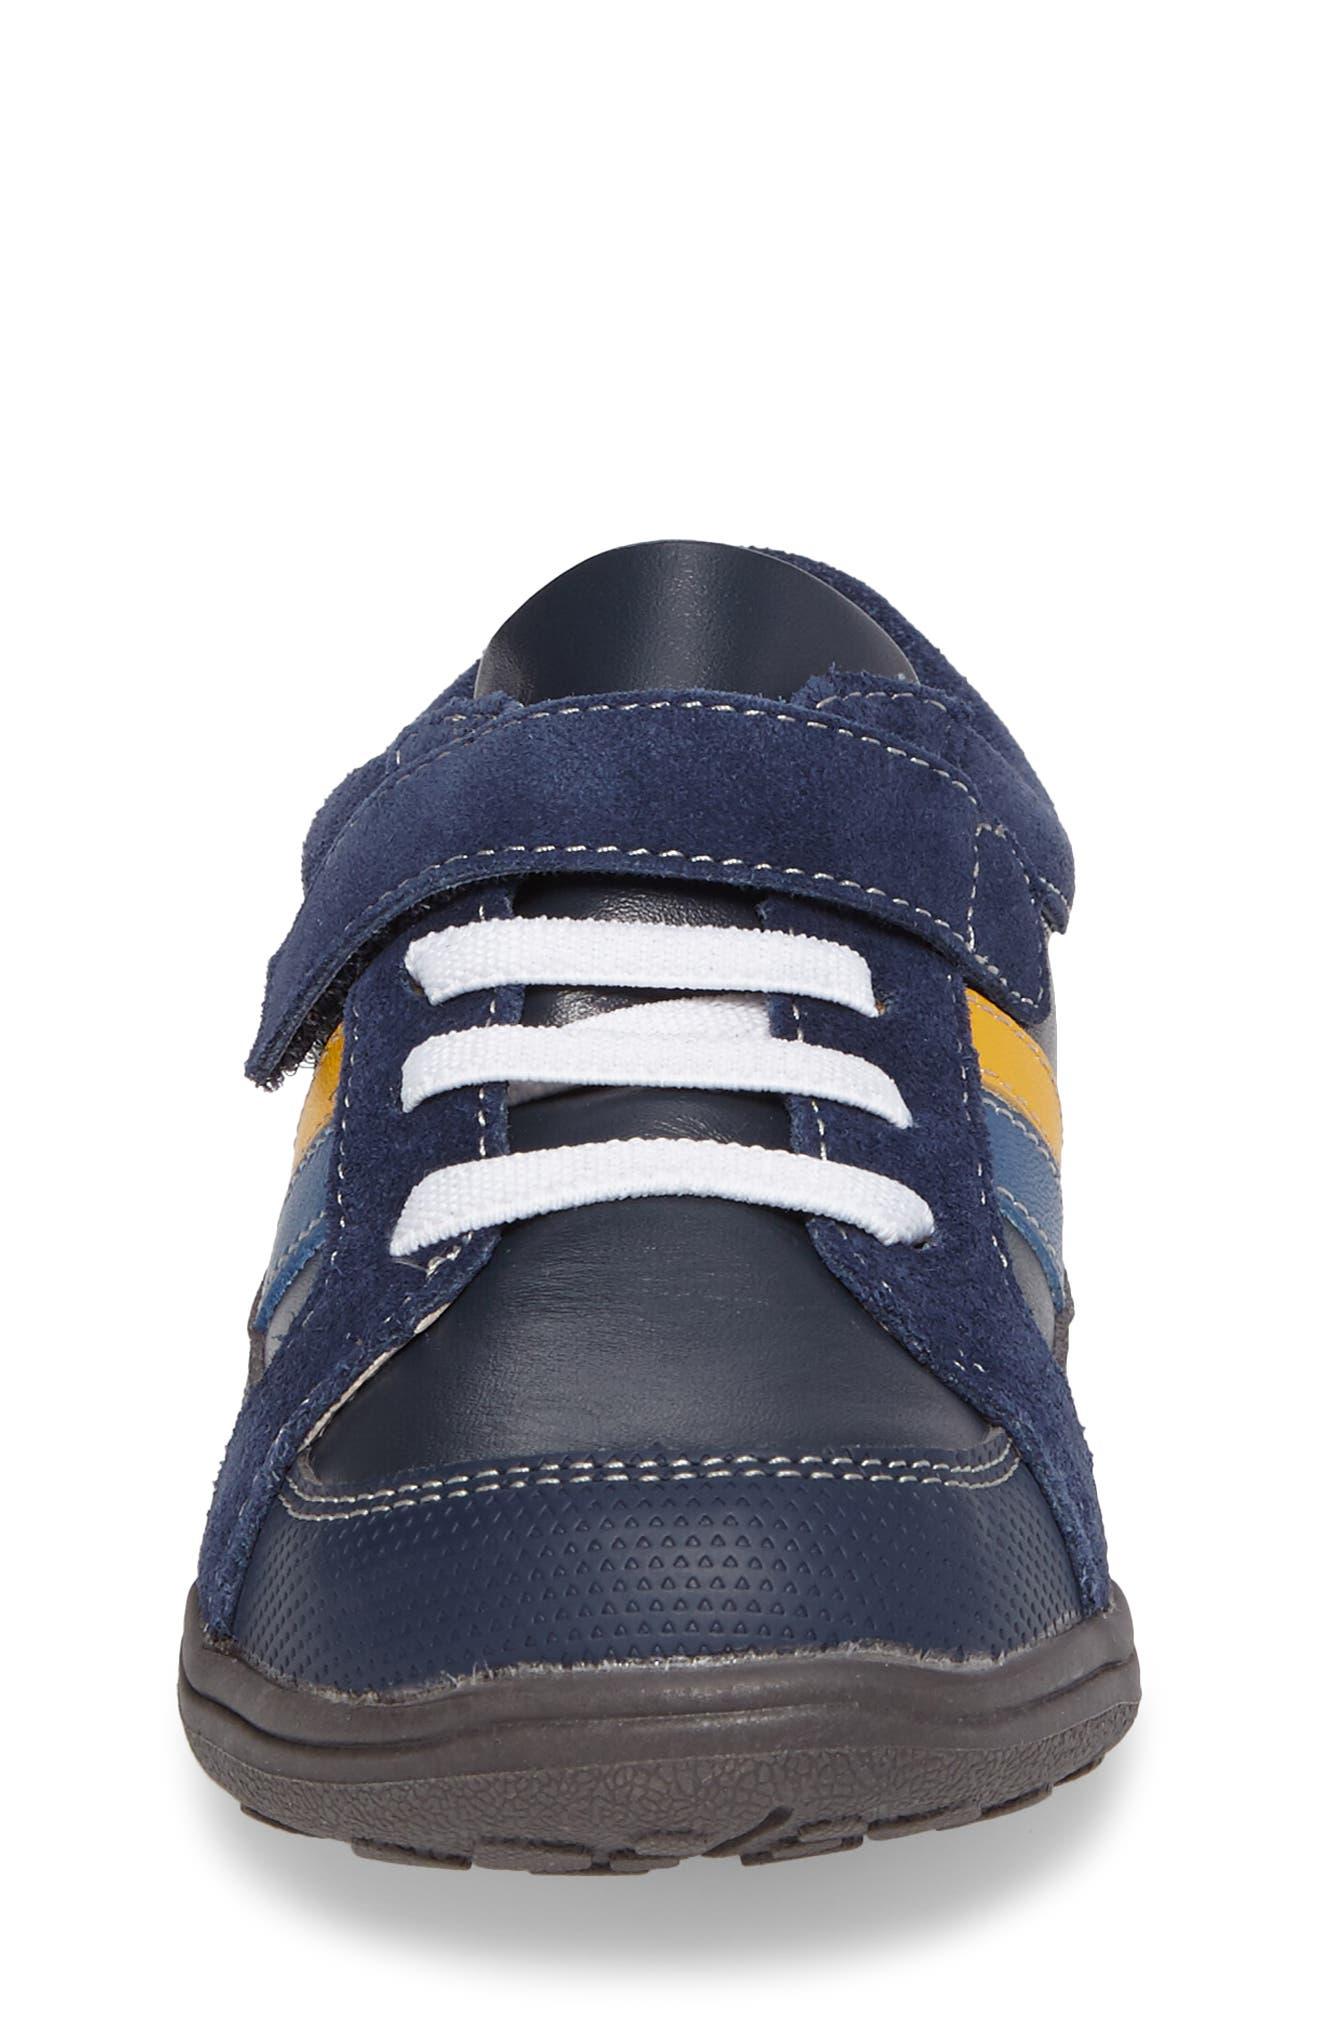 'Randall' Sneaker,                             Alternate thumbnail 4, color,                             Navy